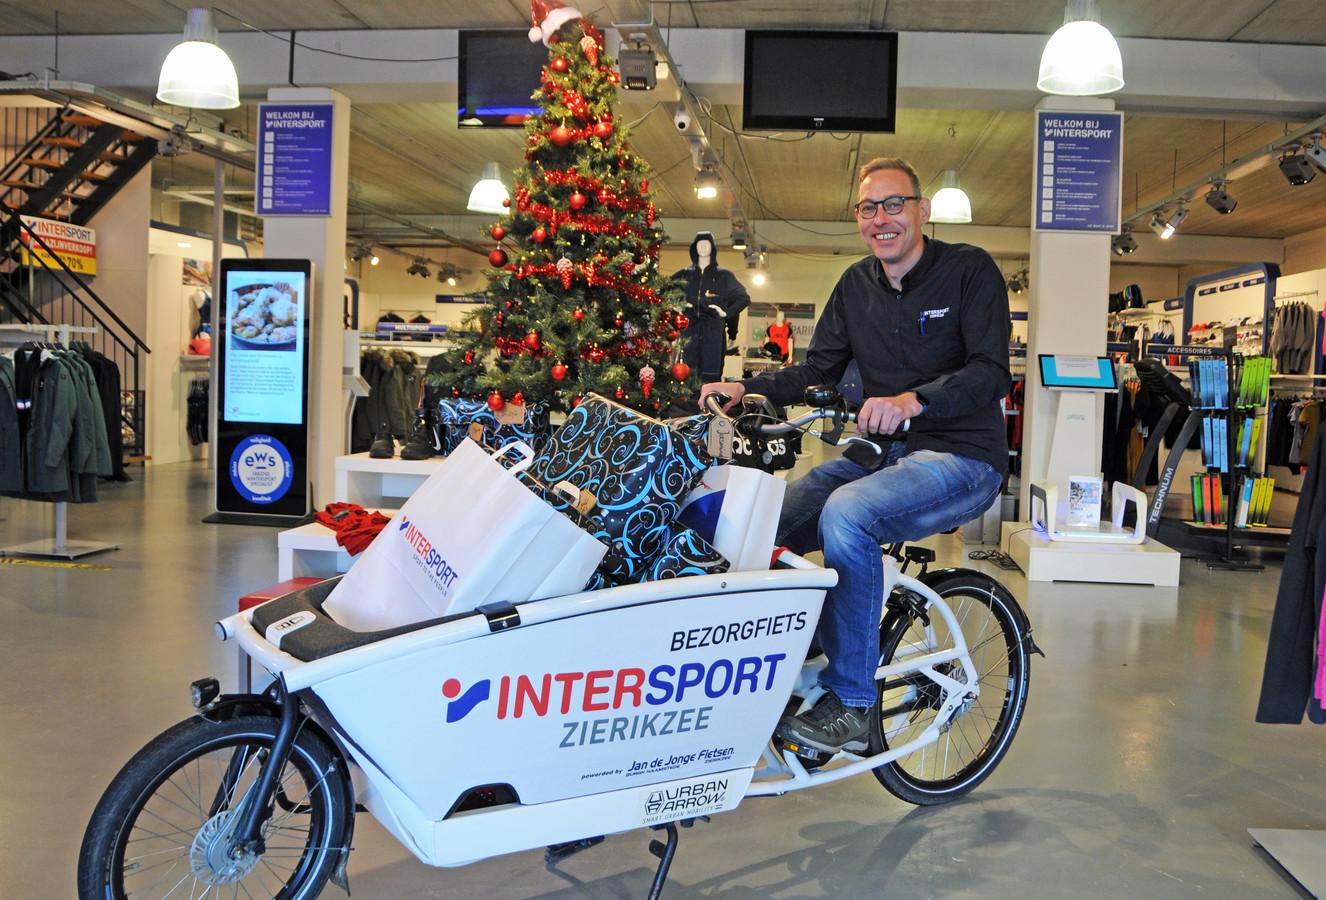 Bas van Boven was zes jaar bedrijfsleider en nu is hij eigenaar van Intersport in Zierikzee. Via sharefunding kan iedereen mede-eigenaar worden van de winkel.